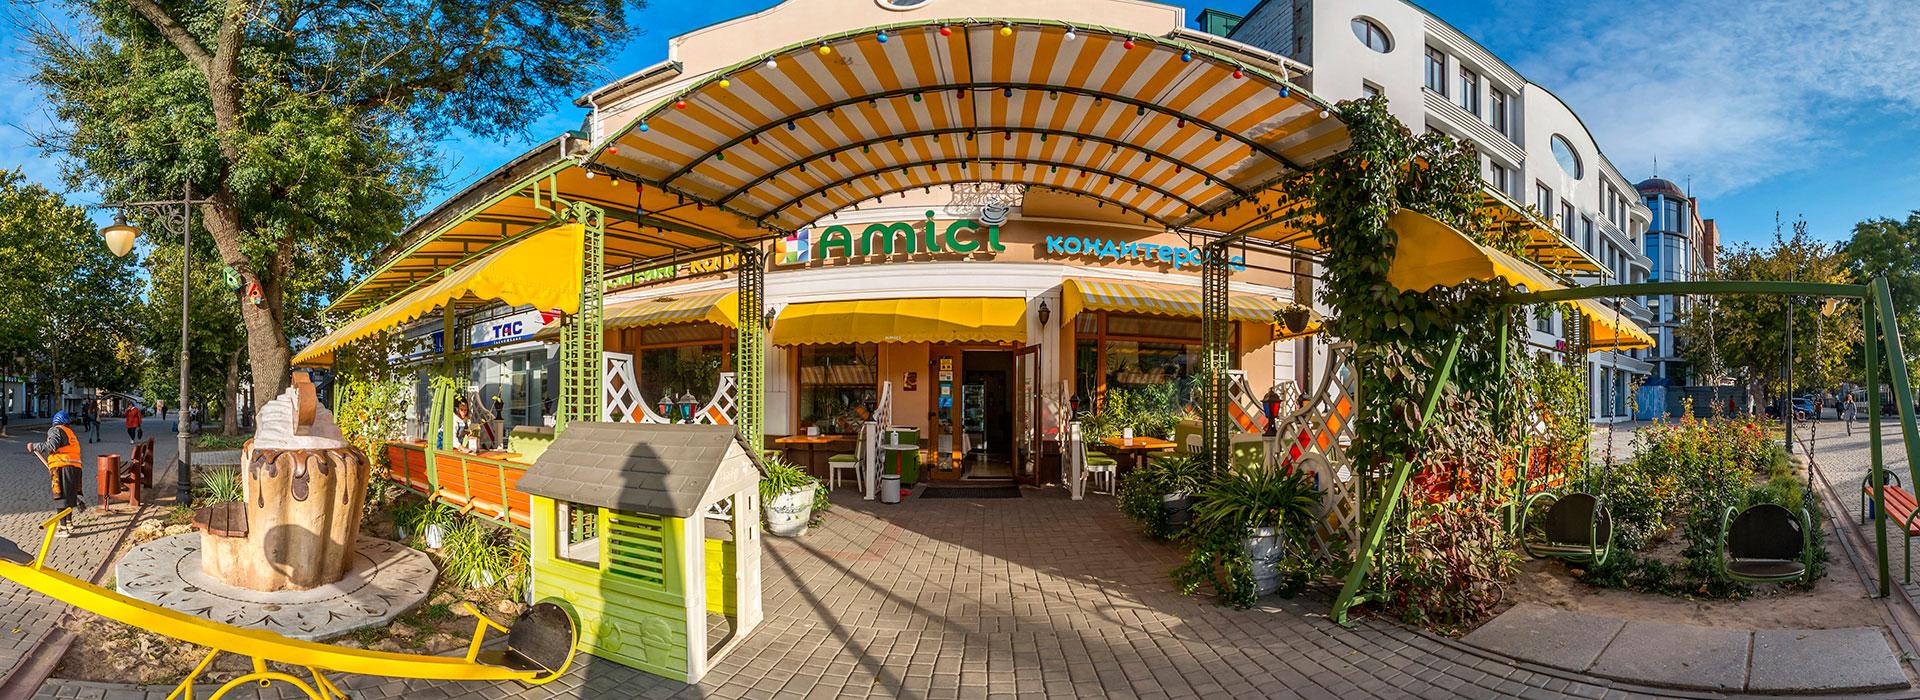 Семейное кафе-кондитерская Амичи